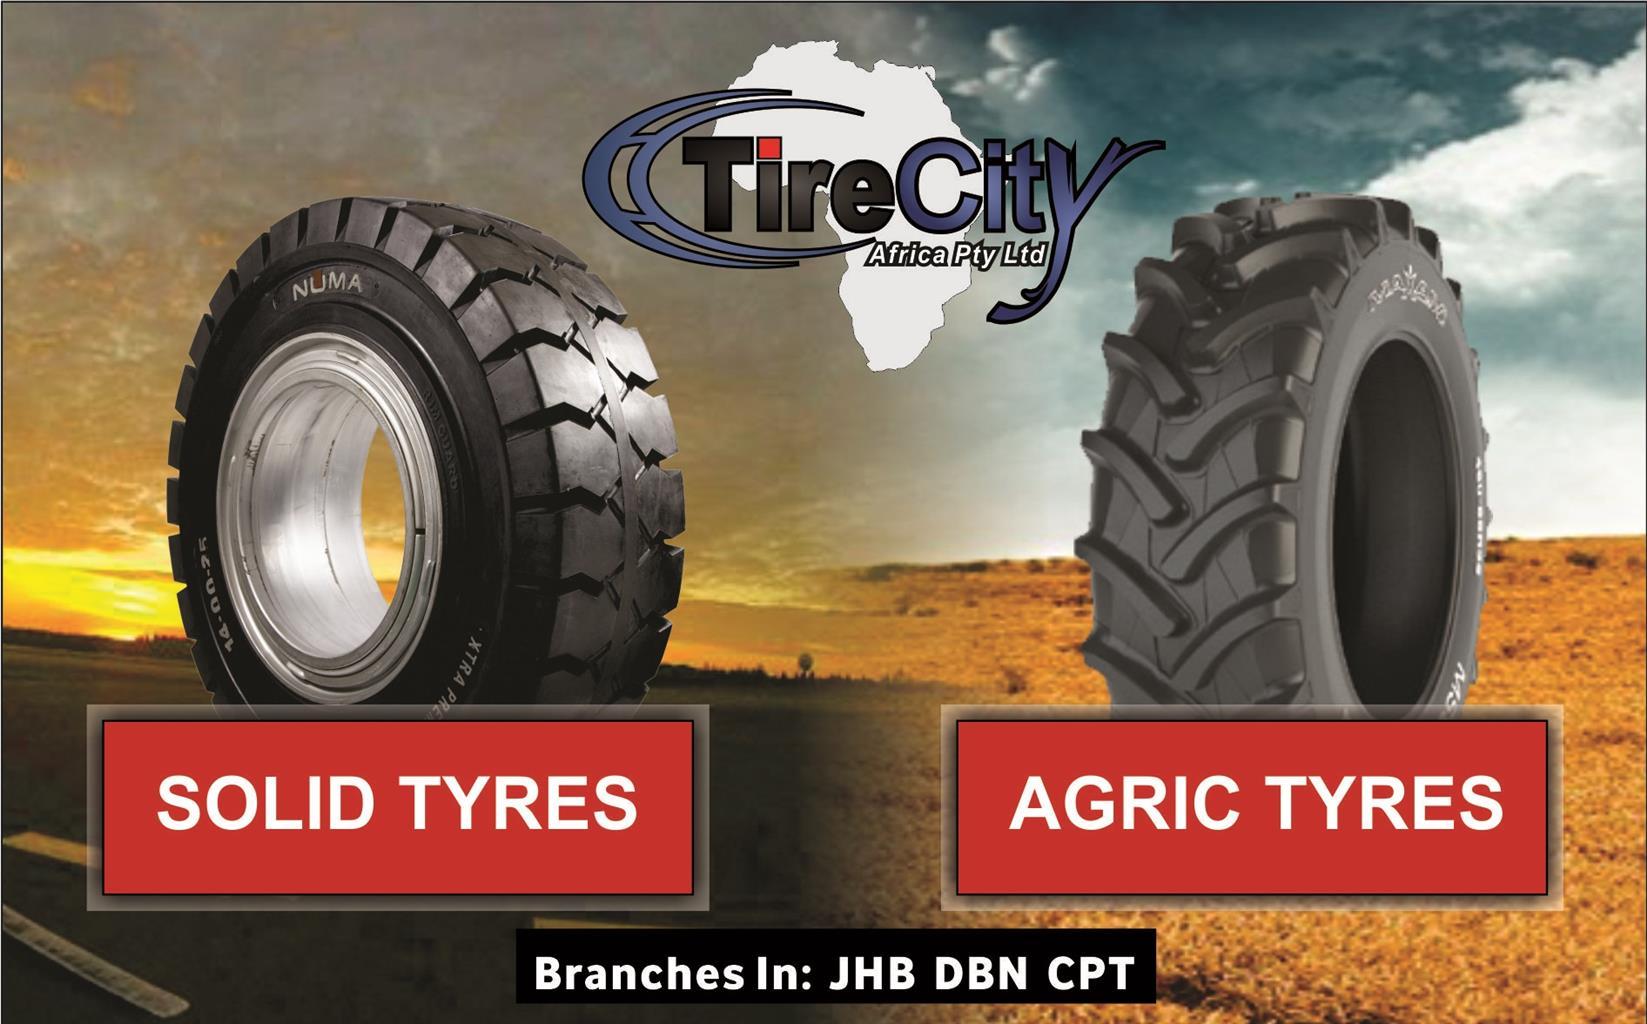 MASSIVE SALE:  Forklift Tyres, Rigid Dump Truck Tyres, Implement Tyres, Tractor Tyres & more